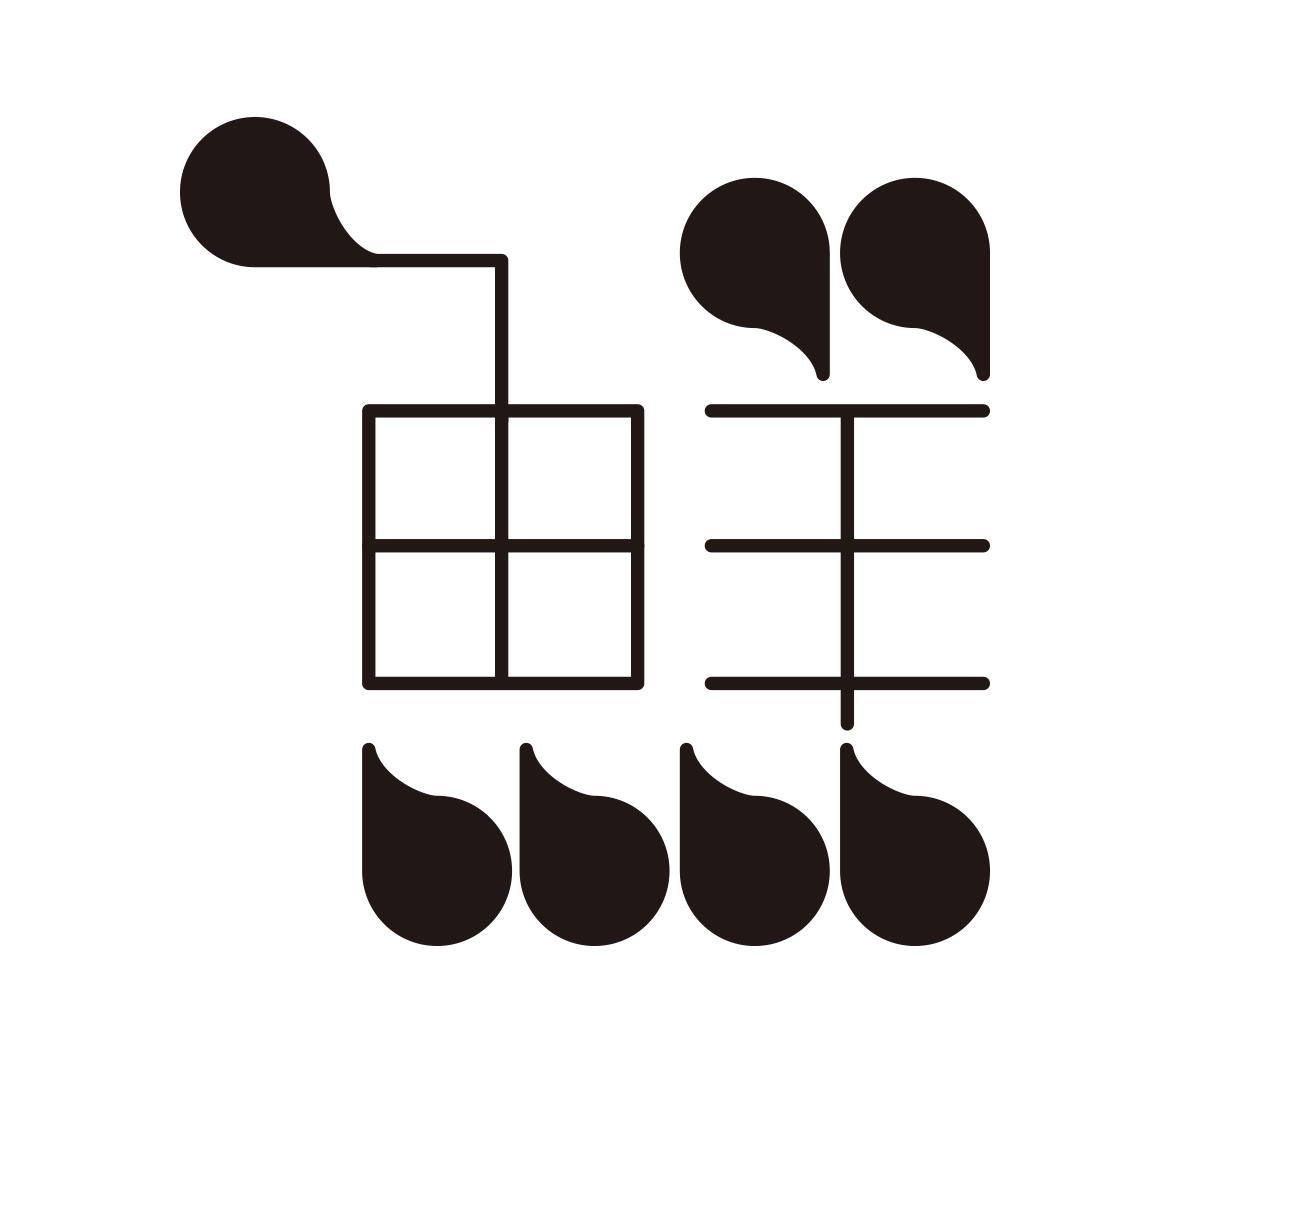 创意字体设计 三十五